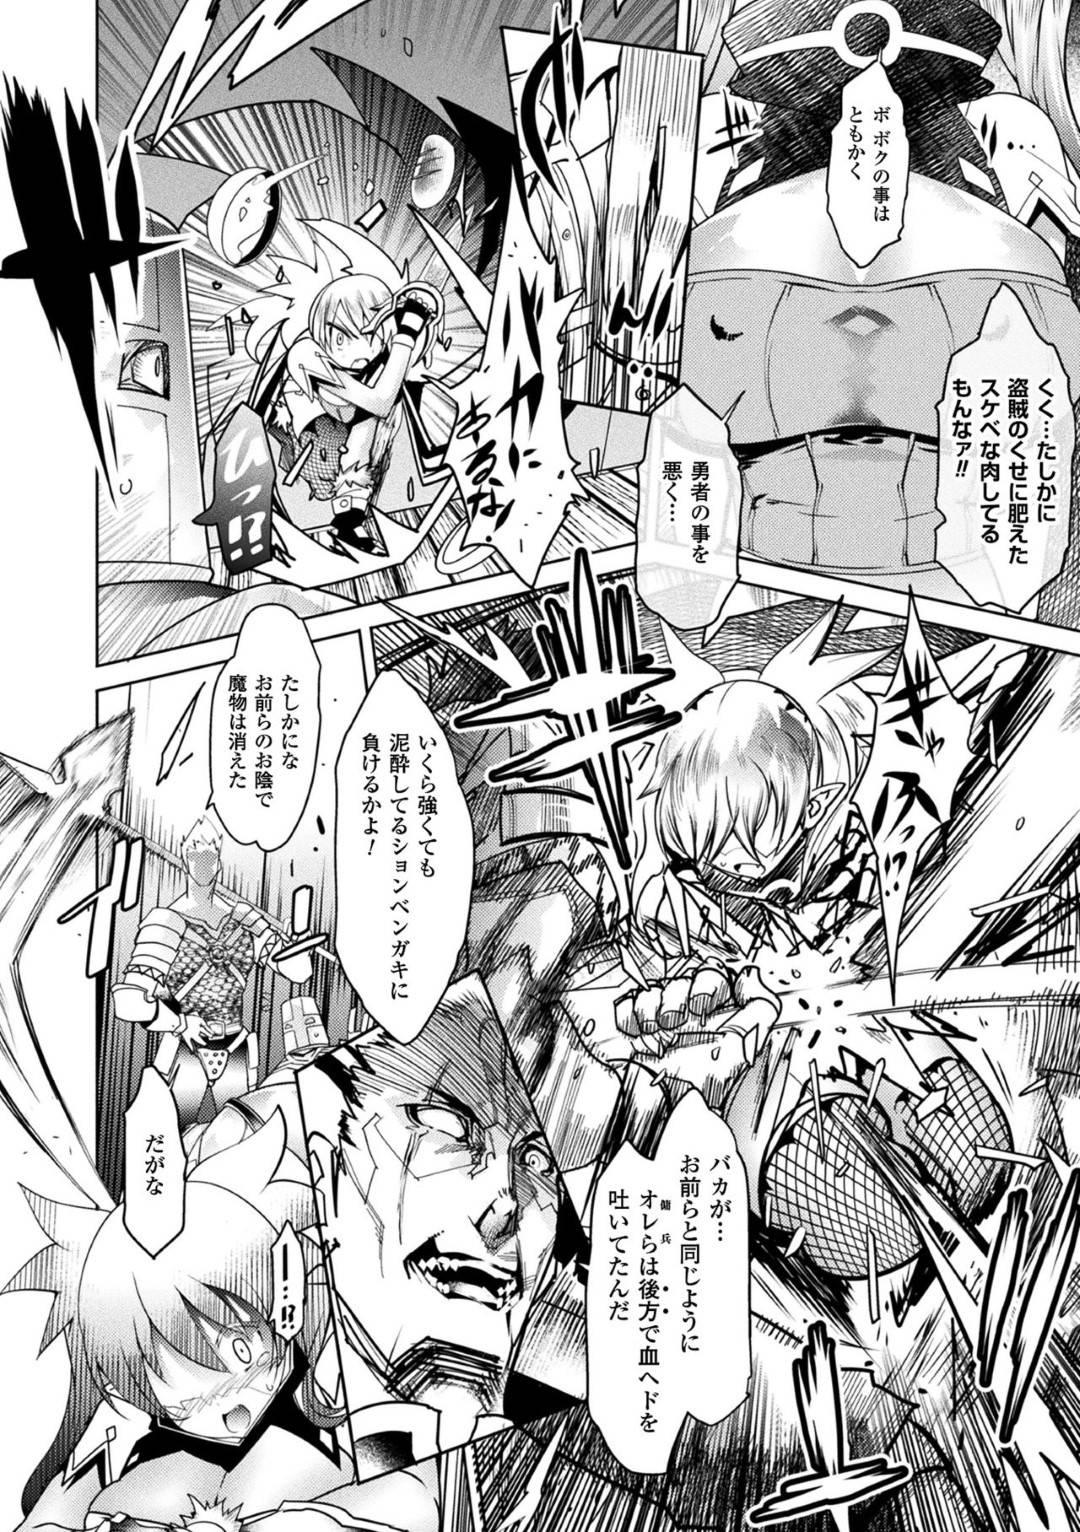 【エロ漫画】魔王を撃破した後の勇者パーティーの一人、ローグの巨乳お姉さん…仲間たちは出世する中で彼女は一人酒場でくさっていた!しかし酒場で絡んできた男達の勘に触り輪姦されてしまう!【あまぎみちひと:ゲームエンドアフターガール】